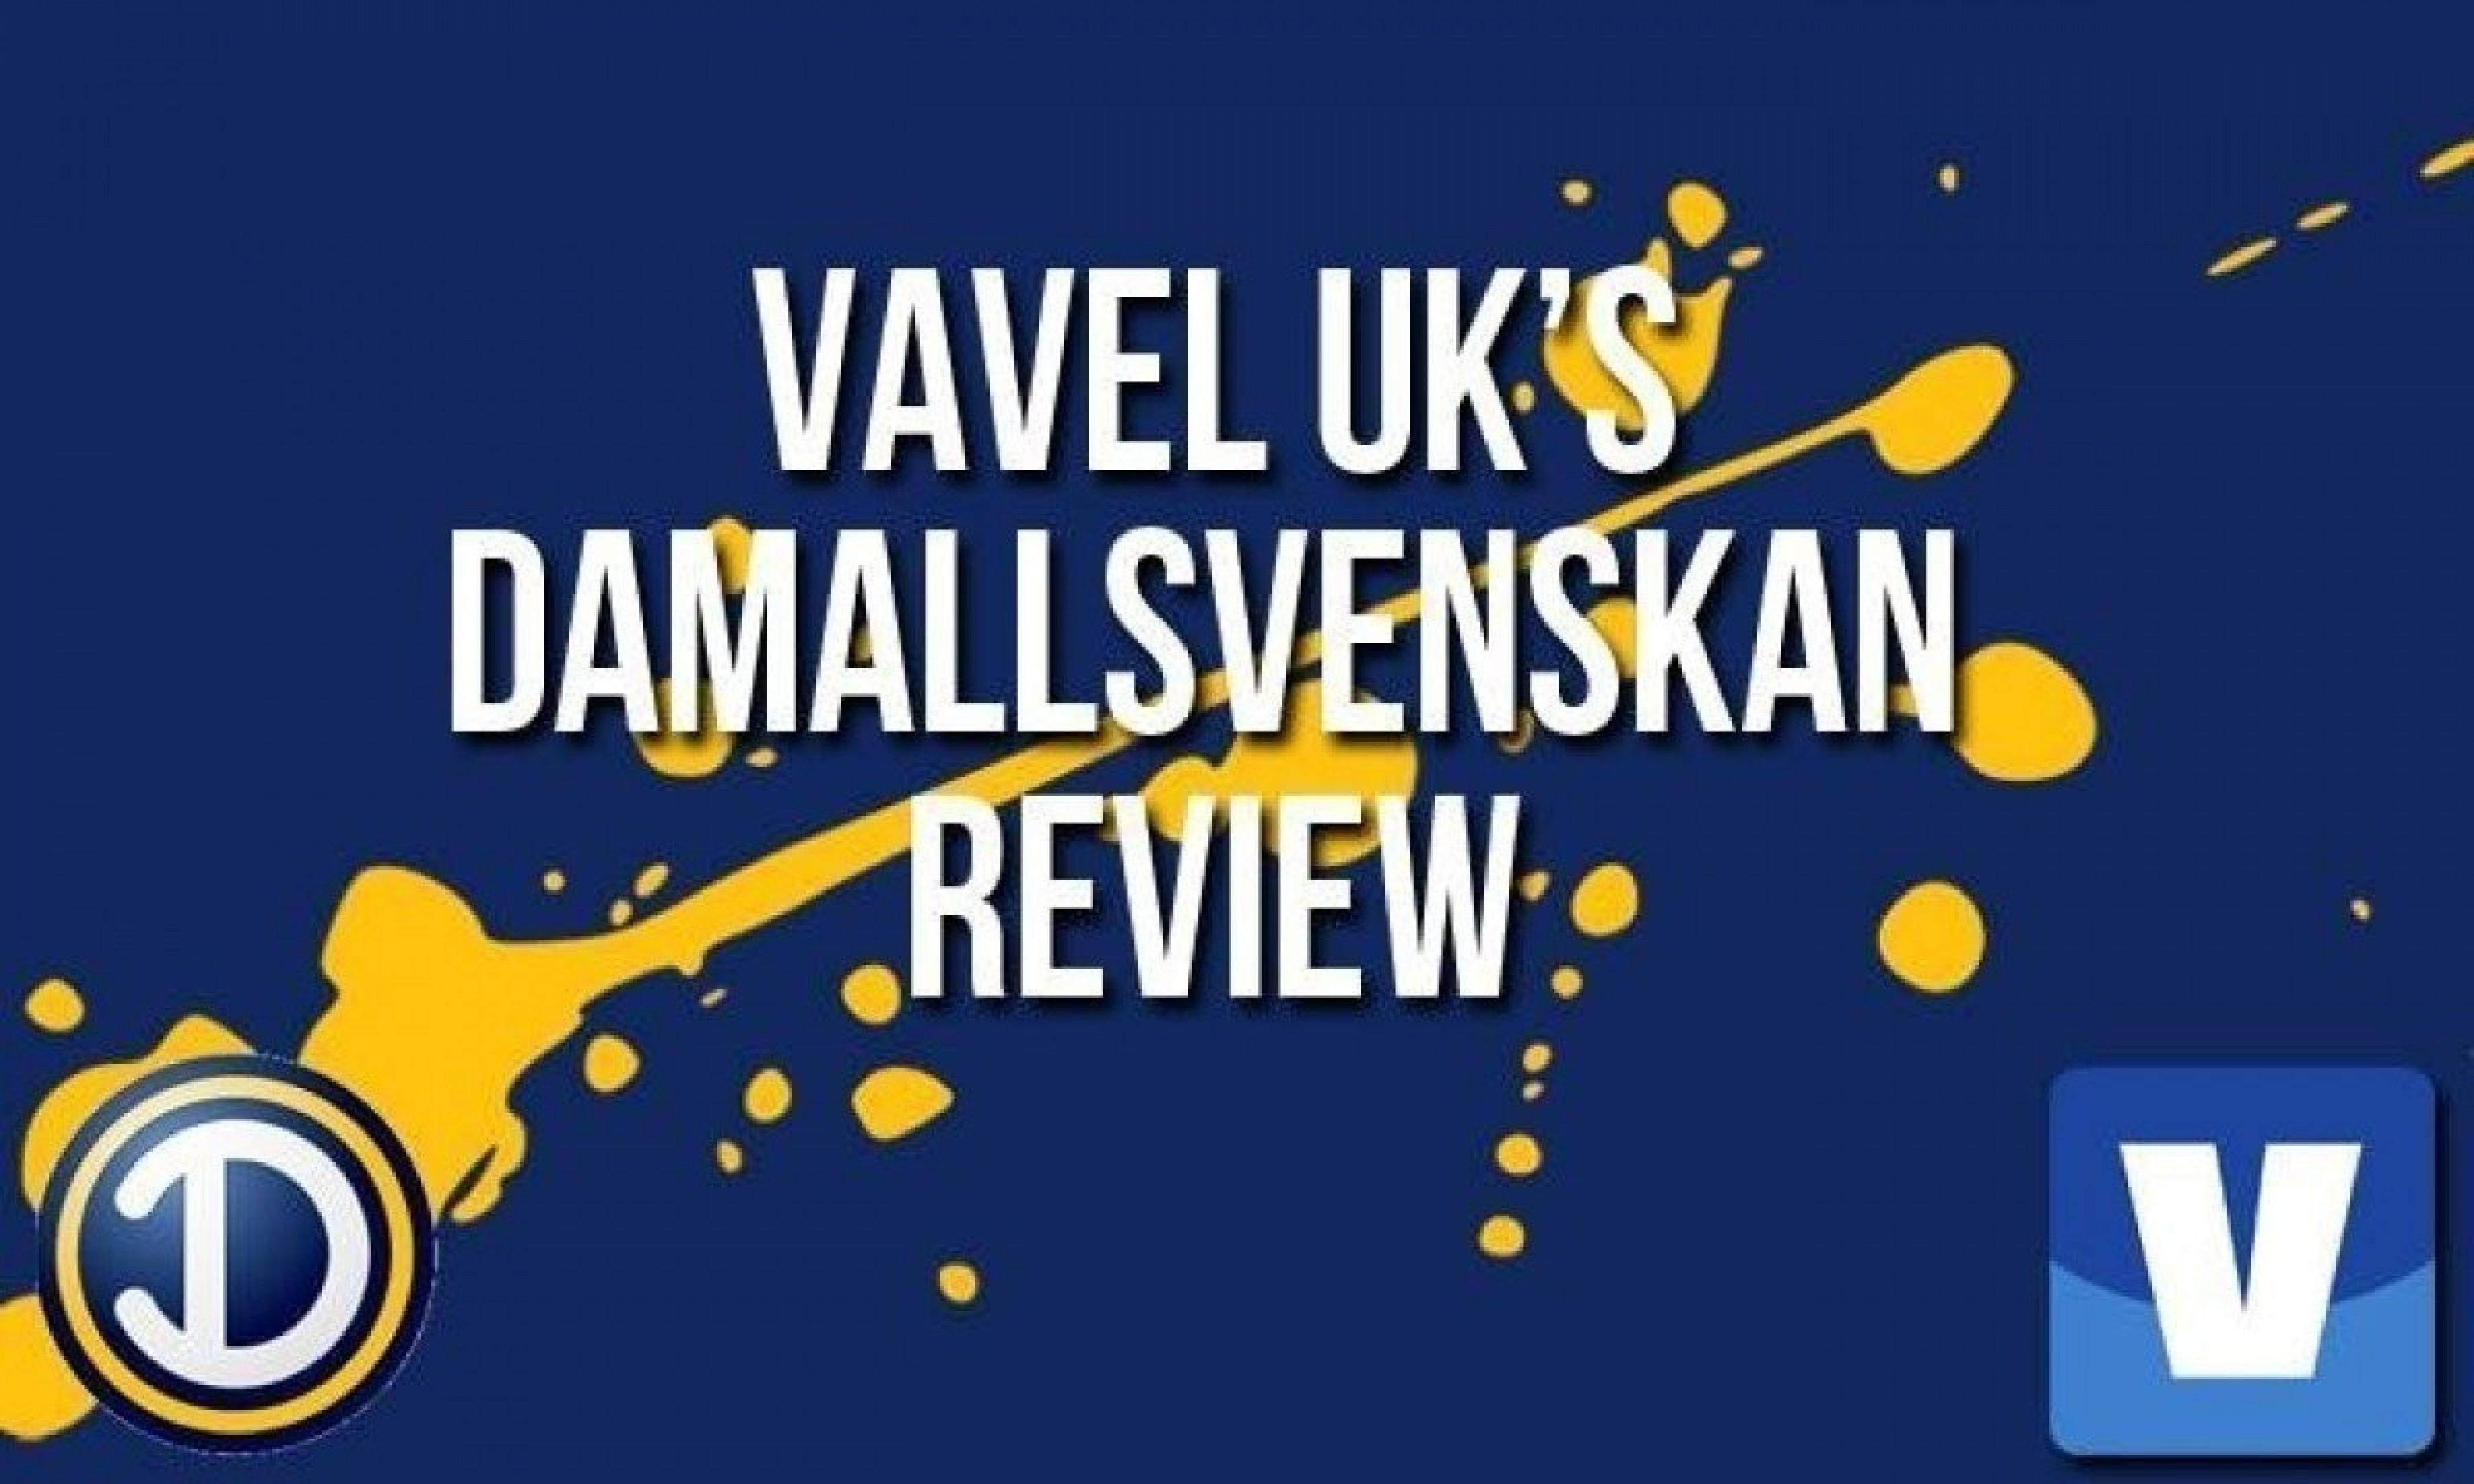 Damallsvenskan week 16 review: No joy to be had for those at the bottom